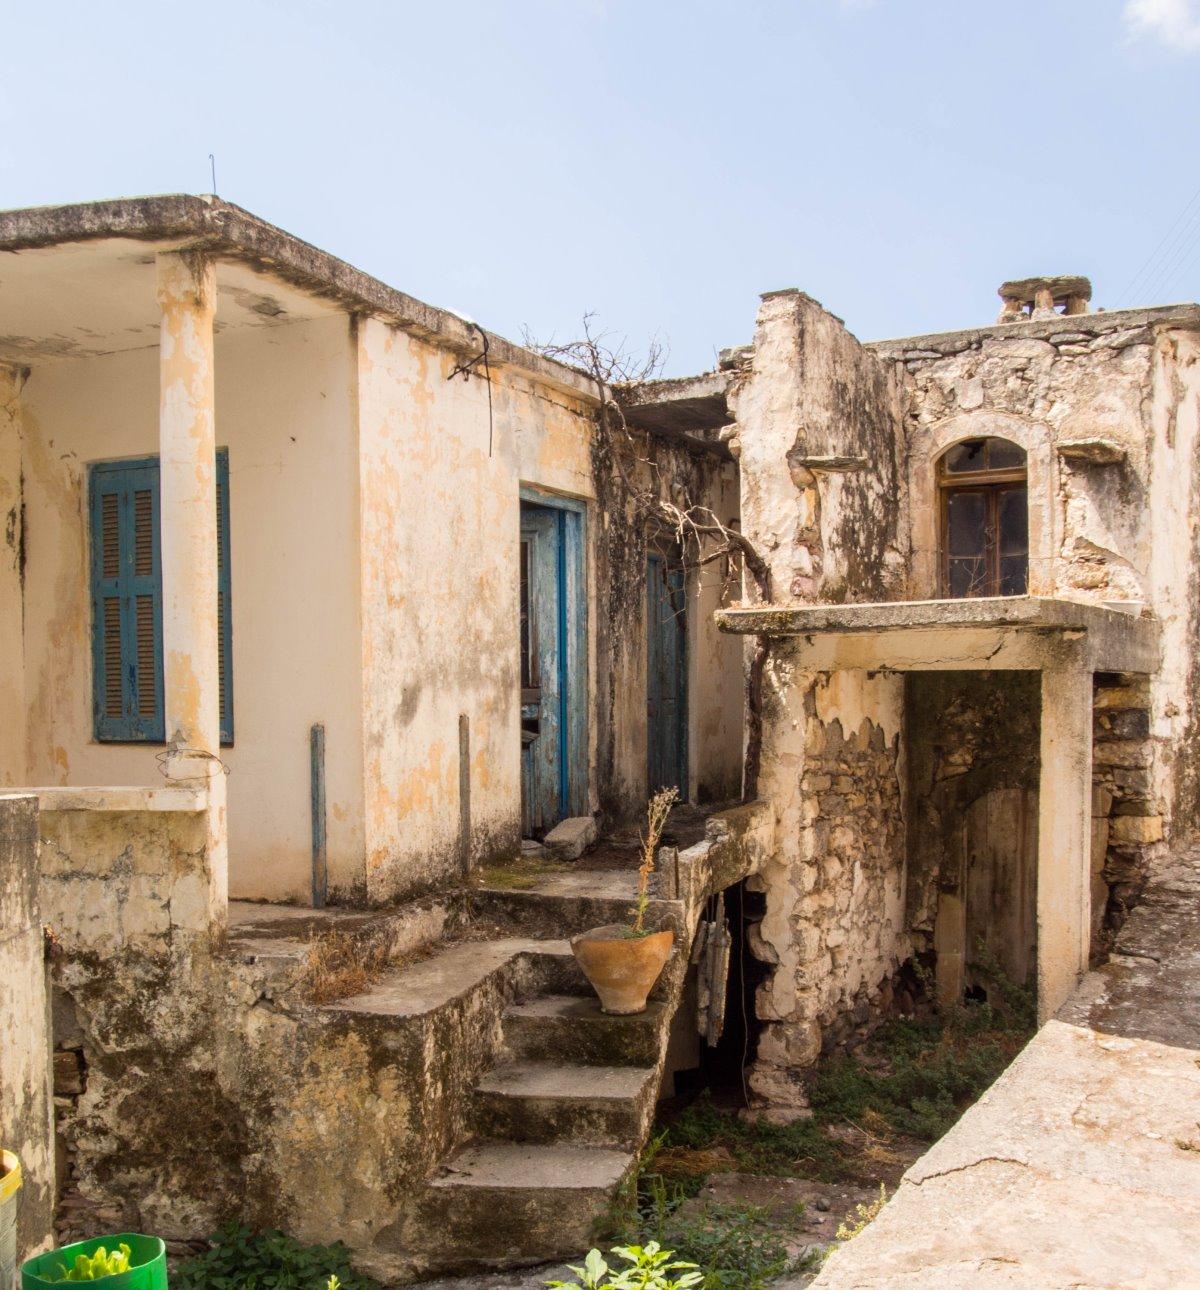 Καλάμι, το  χωριό φάντασμα έξω από το Ηράκλειο